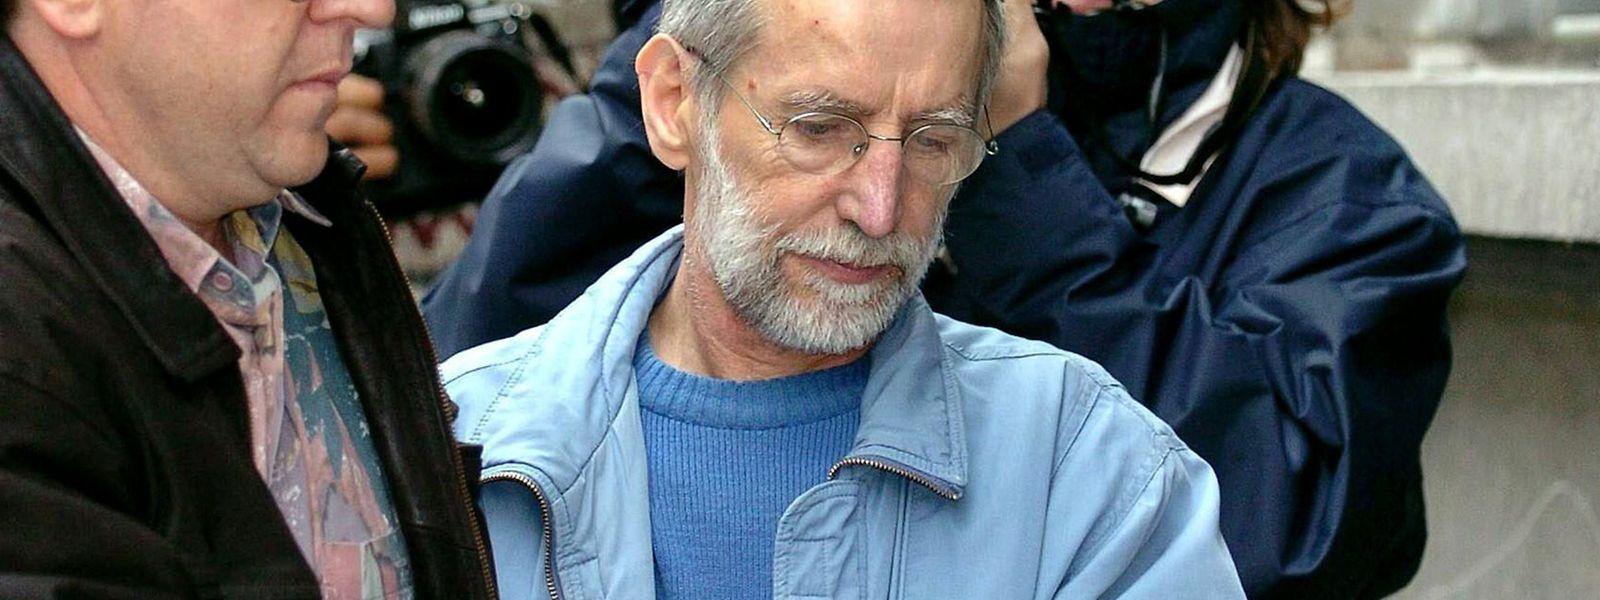 2004, Belgien, Dinant: Der französische Serienmörder Michel Fourniret (M) wird ins Gerichtsgebäude gebracht.